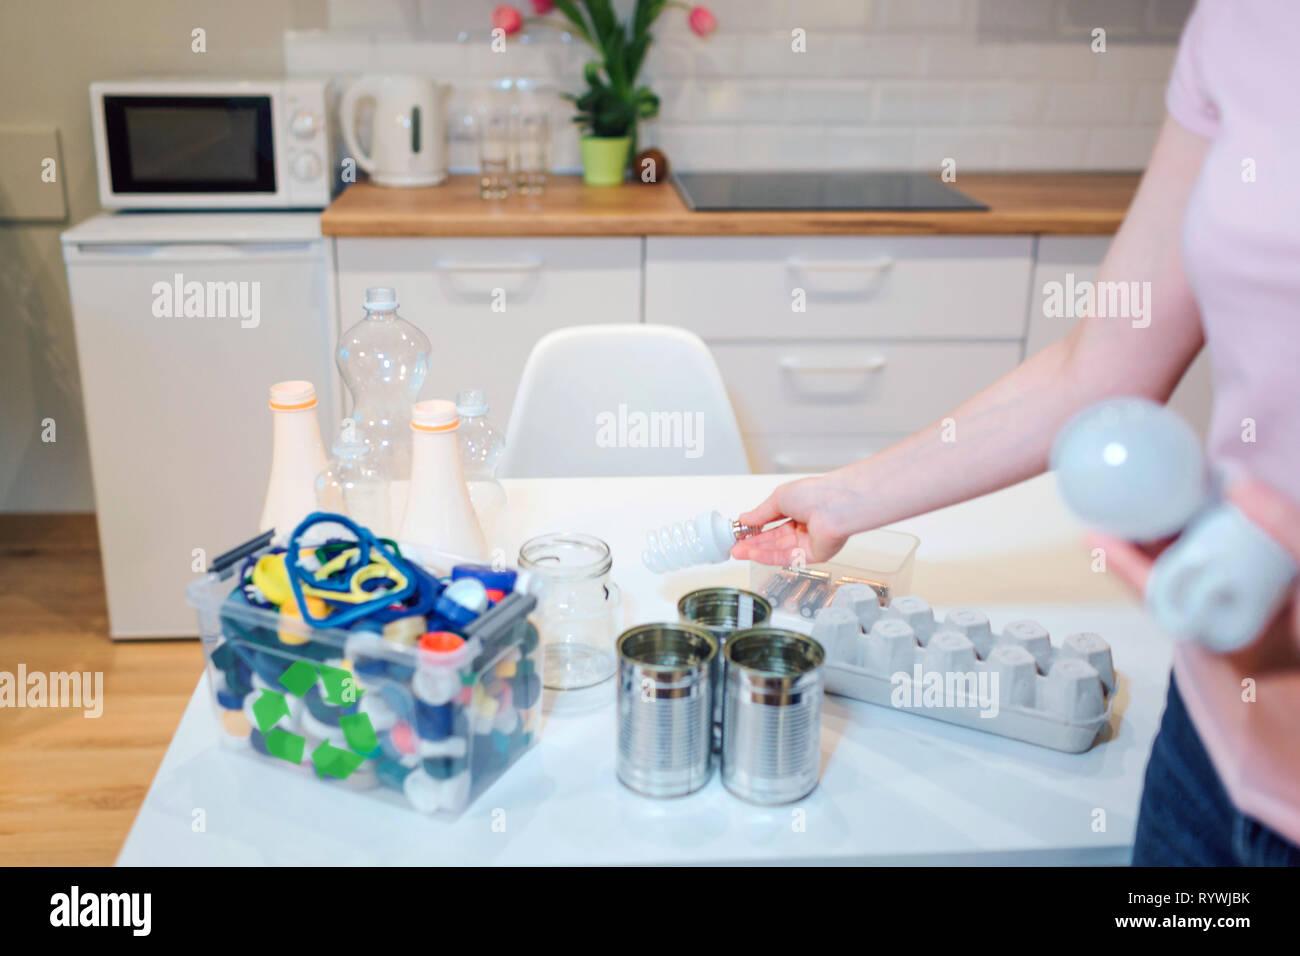 Il riciclaggio. Assortita di metallo, plastica, vetro, carta, rifiuti elettronici sul tavolo da cucina Immagini Stock